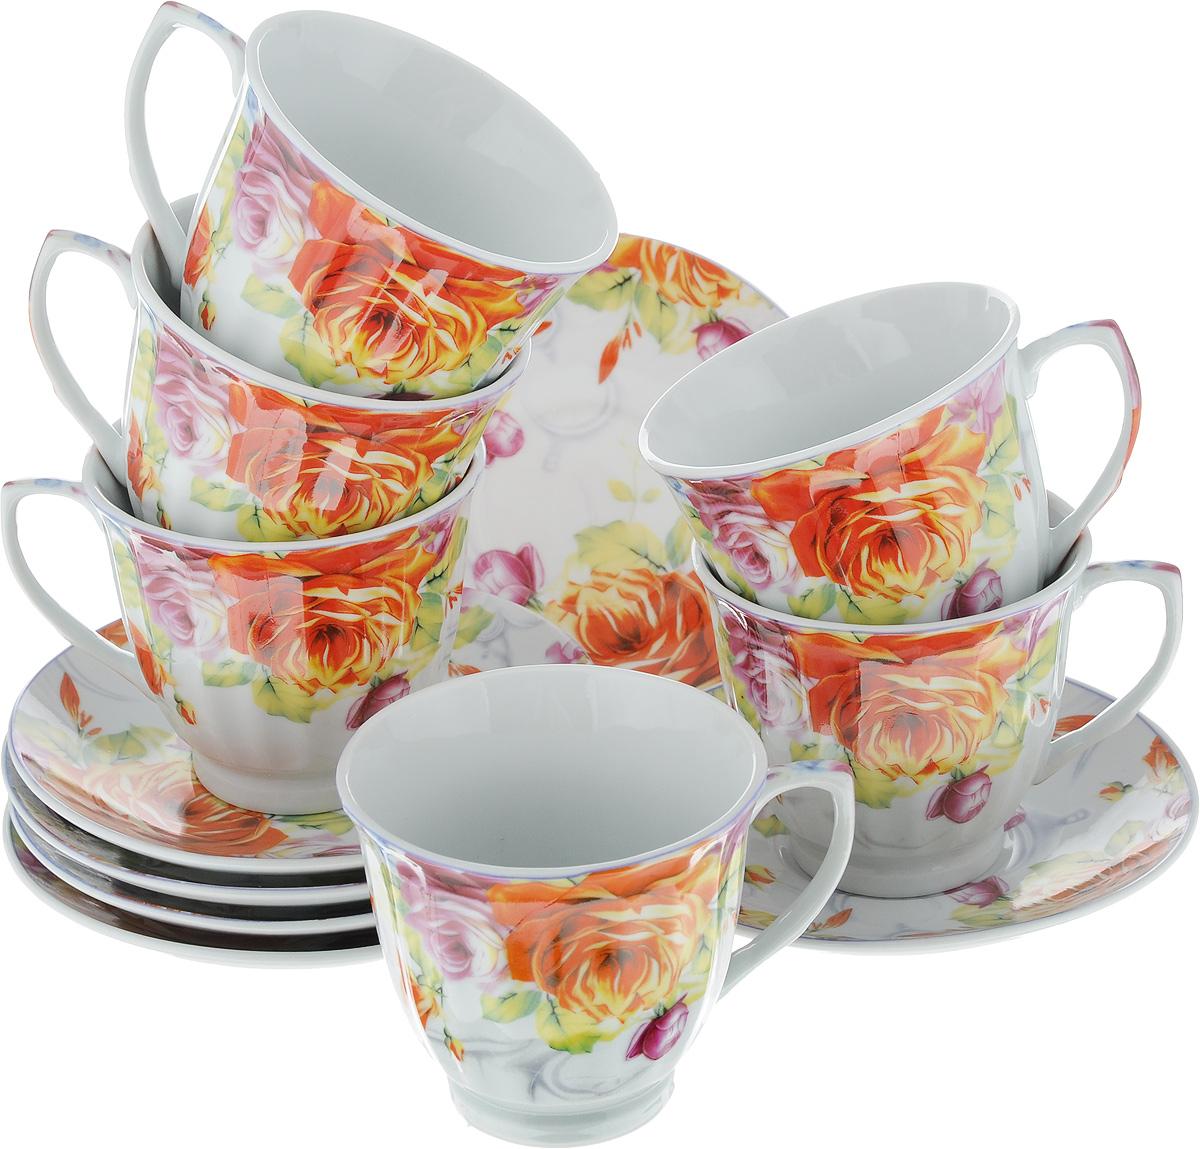 Набор чайный Loraine Розы, 12 предметов. 22532115610Чайный набор Loraine Розы состоит из шести чашек и шести блюдец. Изделия выполнены из высококачественного фарфора и оформлены цветочным рисунком. Такой набор изящно дополнит сервировку стола к чаепитию. Благодаря оригинальному дизайну и качеству исполнения, он станет замечательным подарком для ваших друзей и близких. Набор упакован в красивую подарочную коробку.Объем чашки: 220 мл. Диаметр чашки (по верхнему краю): 8,7 см. Высота чашки: 7,5 см. Диаметр блюдца: 13,5 см.Высота блюдца: 2 см.